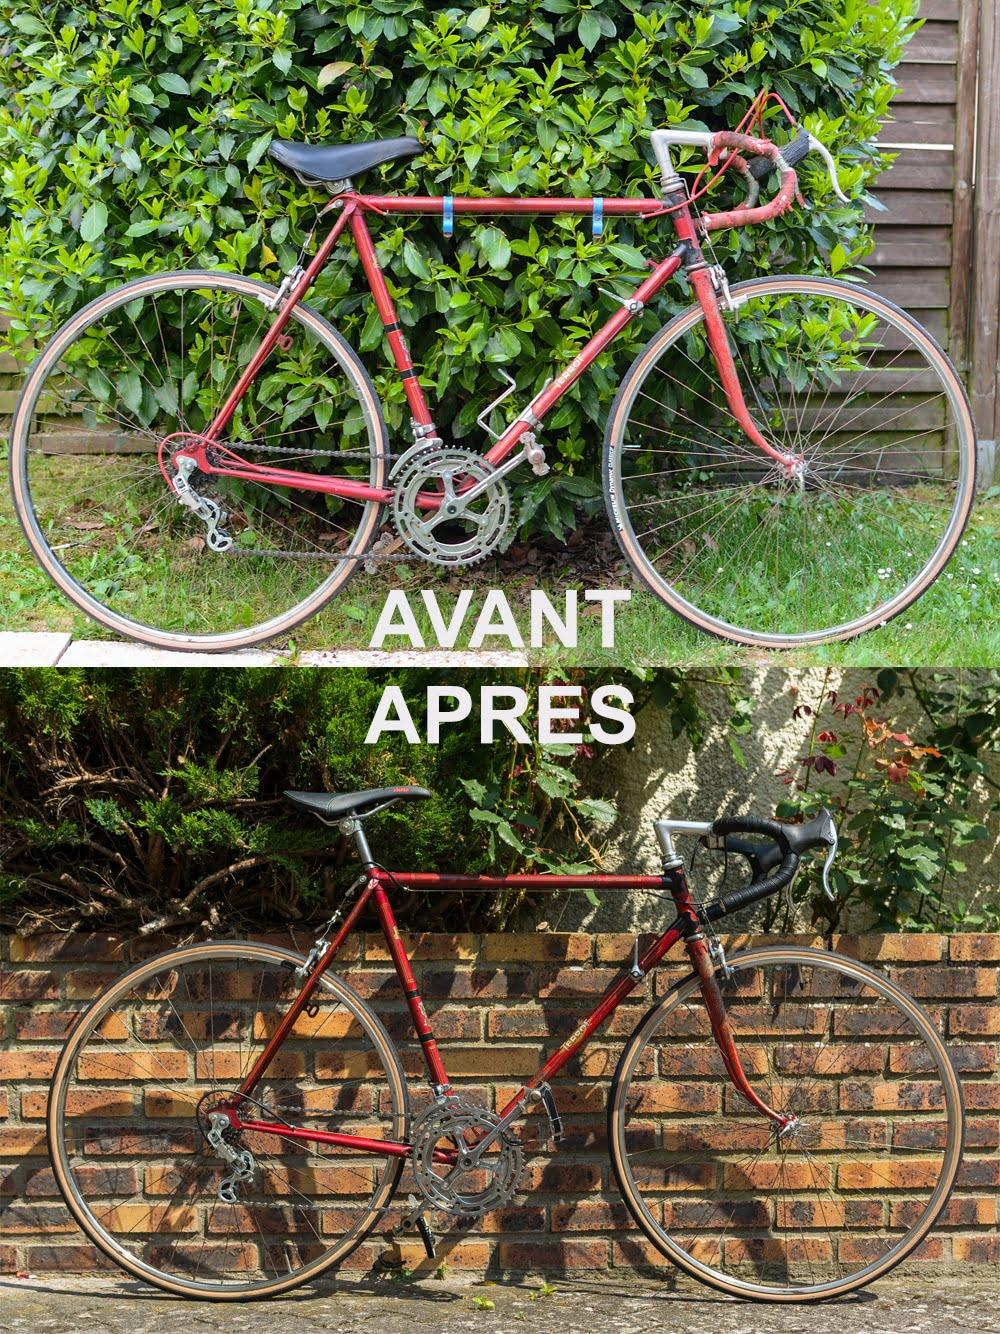 Vieux vélo avant puis après la restauration